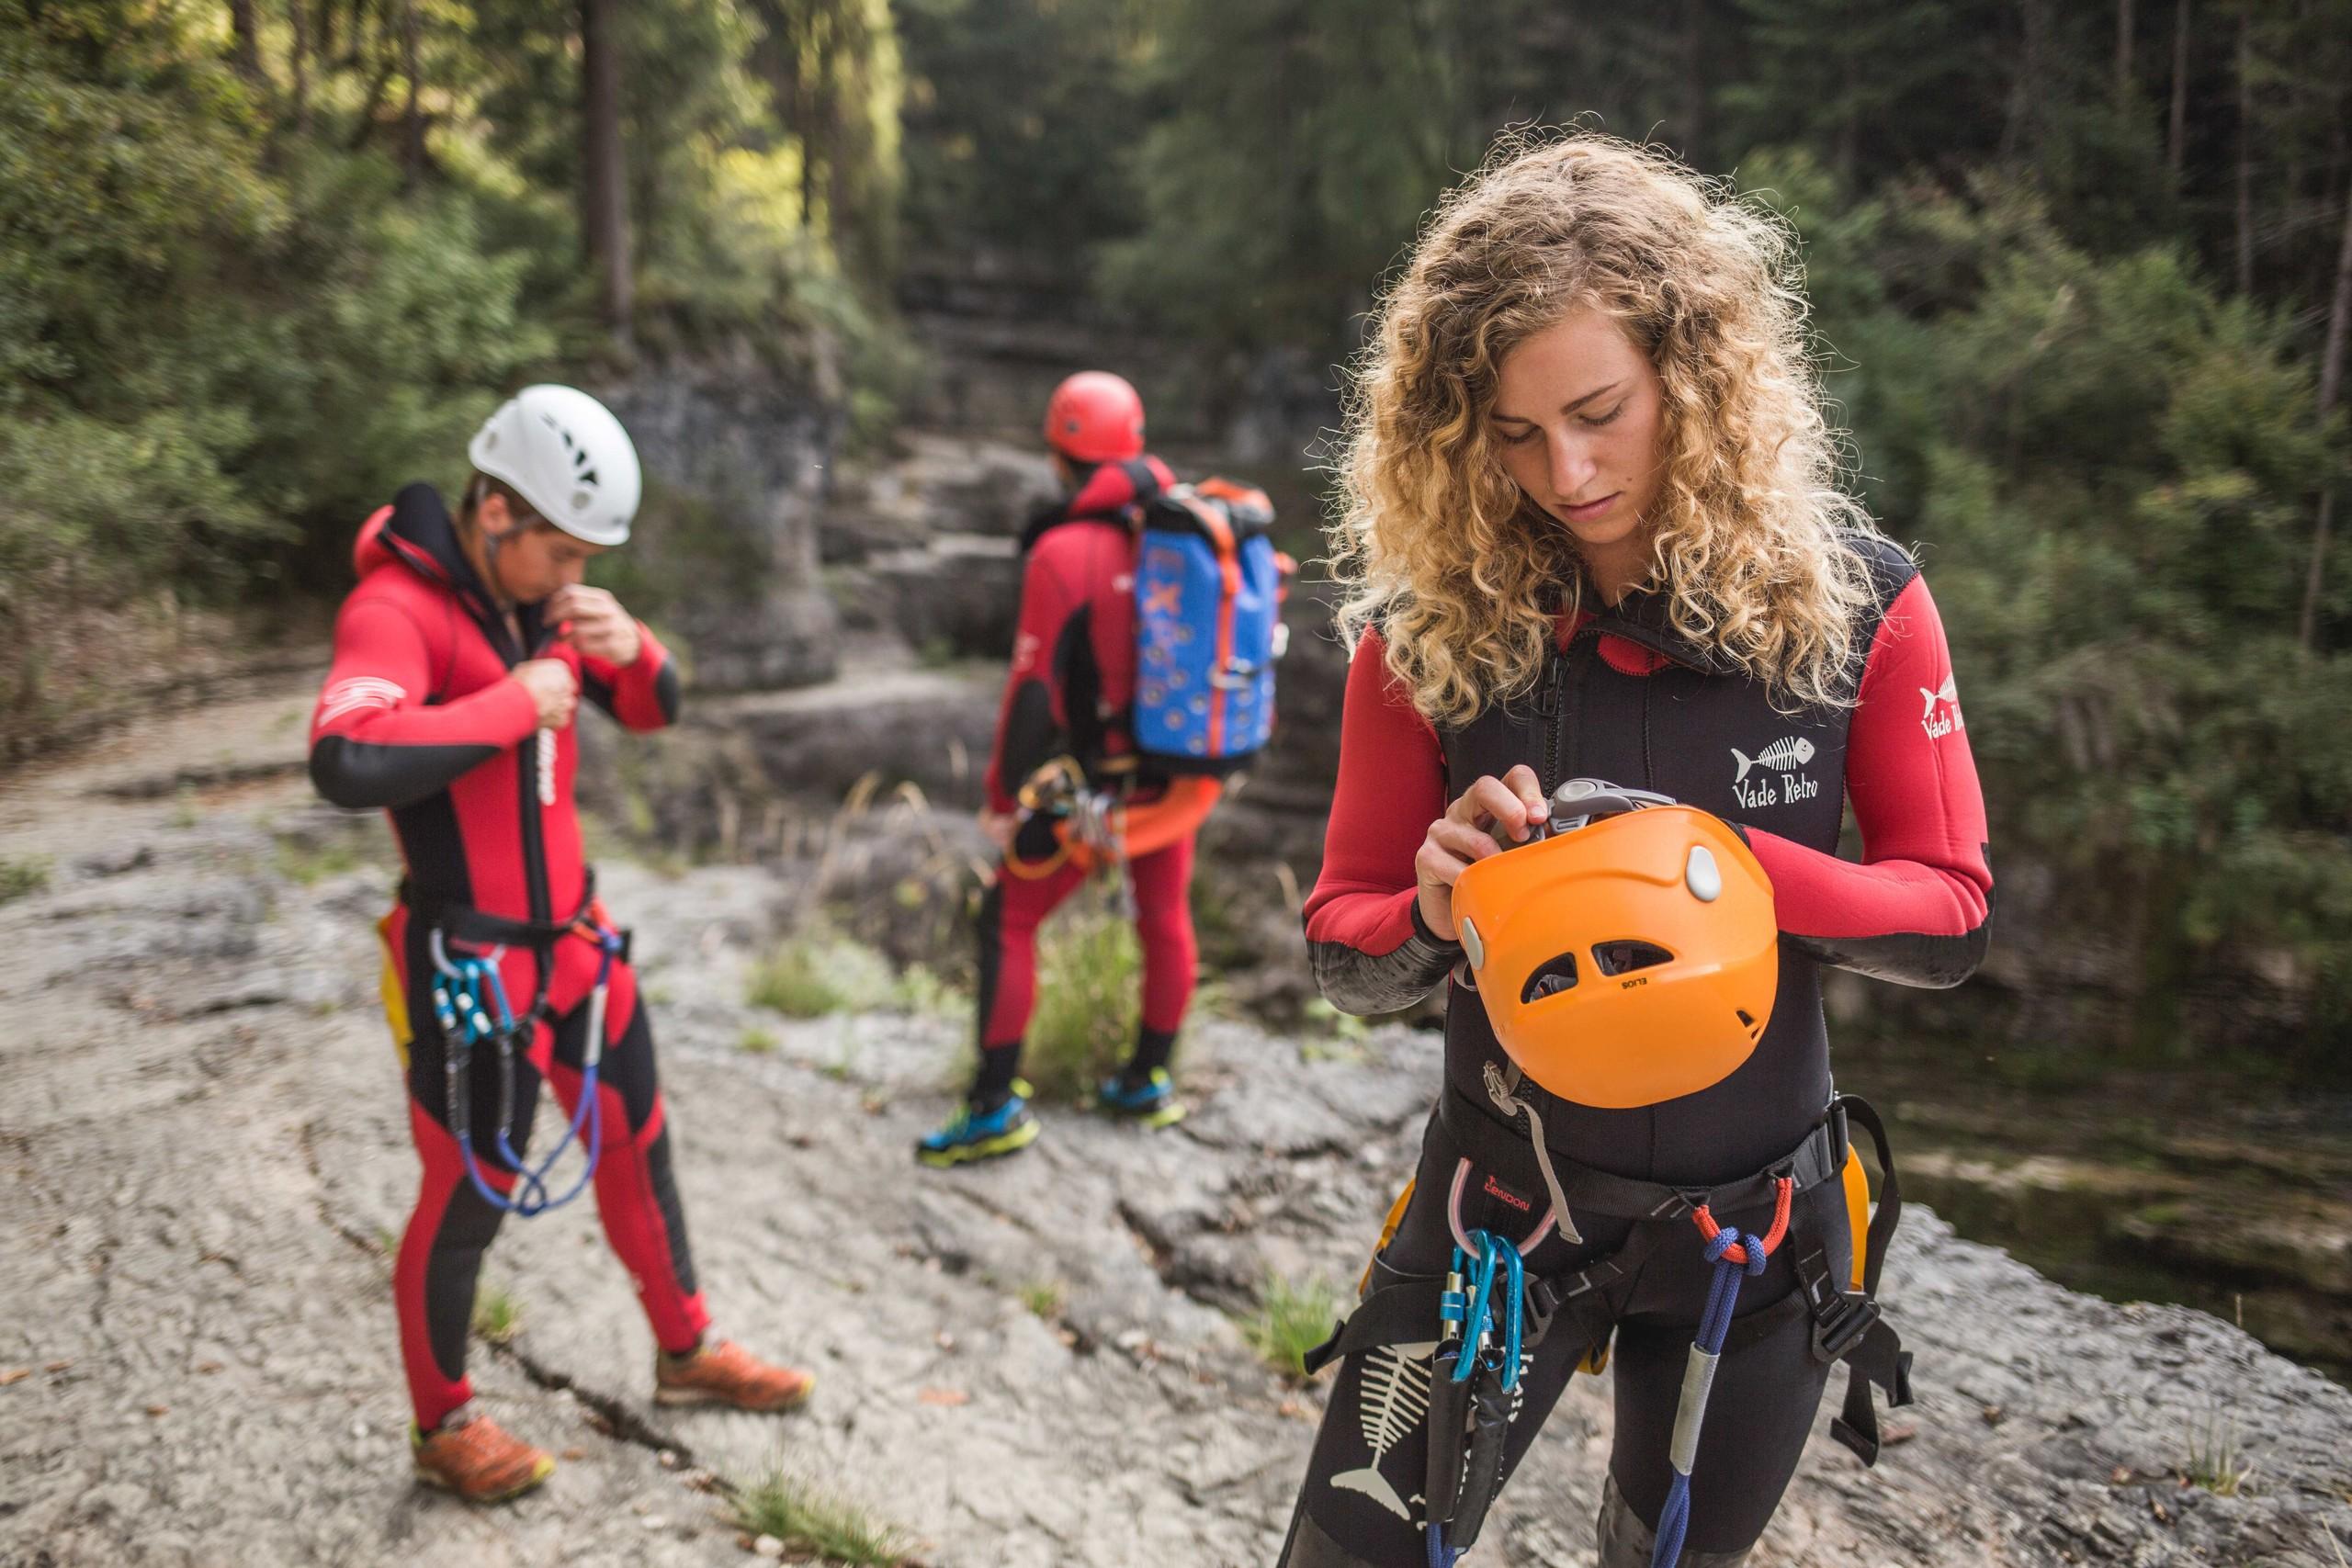 Beim Canyoning für Familien ziehen die Teilnehmer Ihre Ausrüstung an